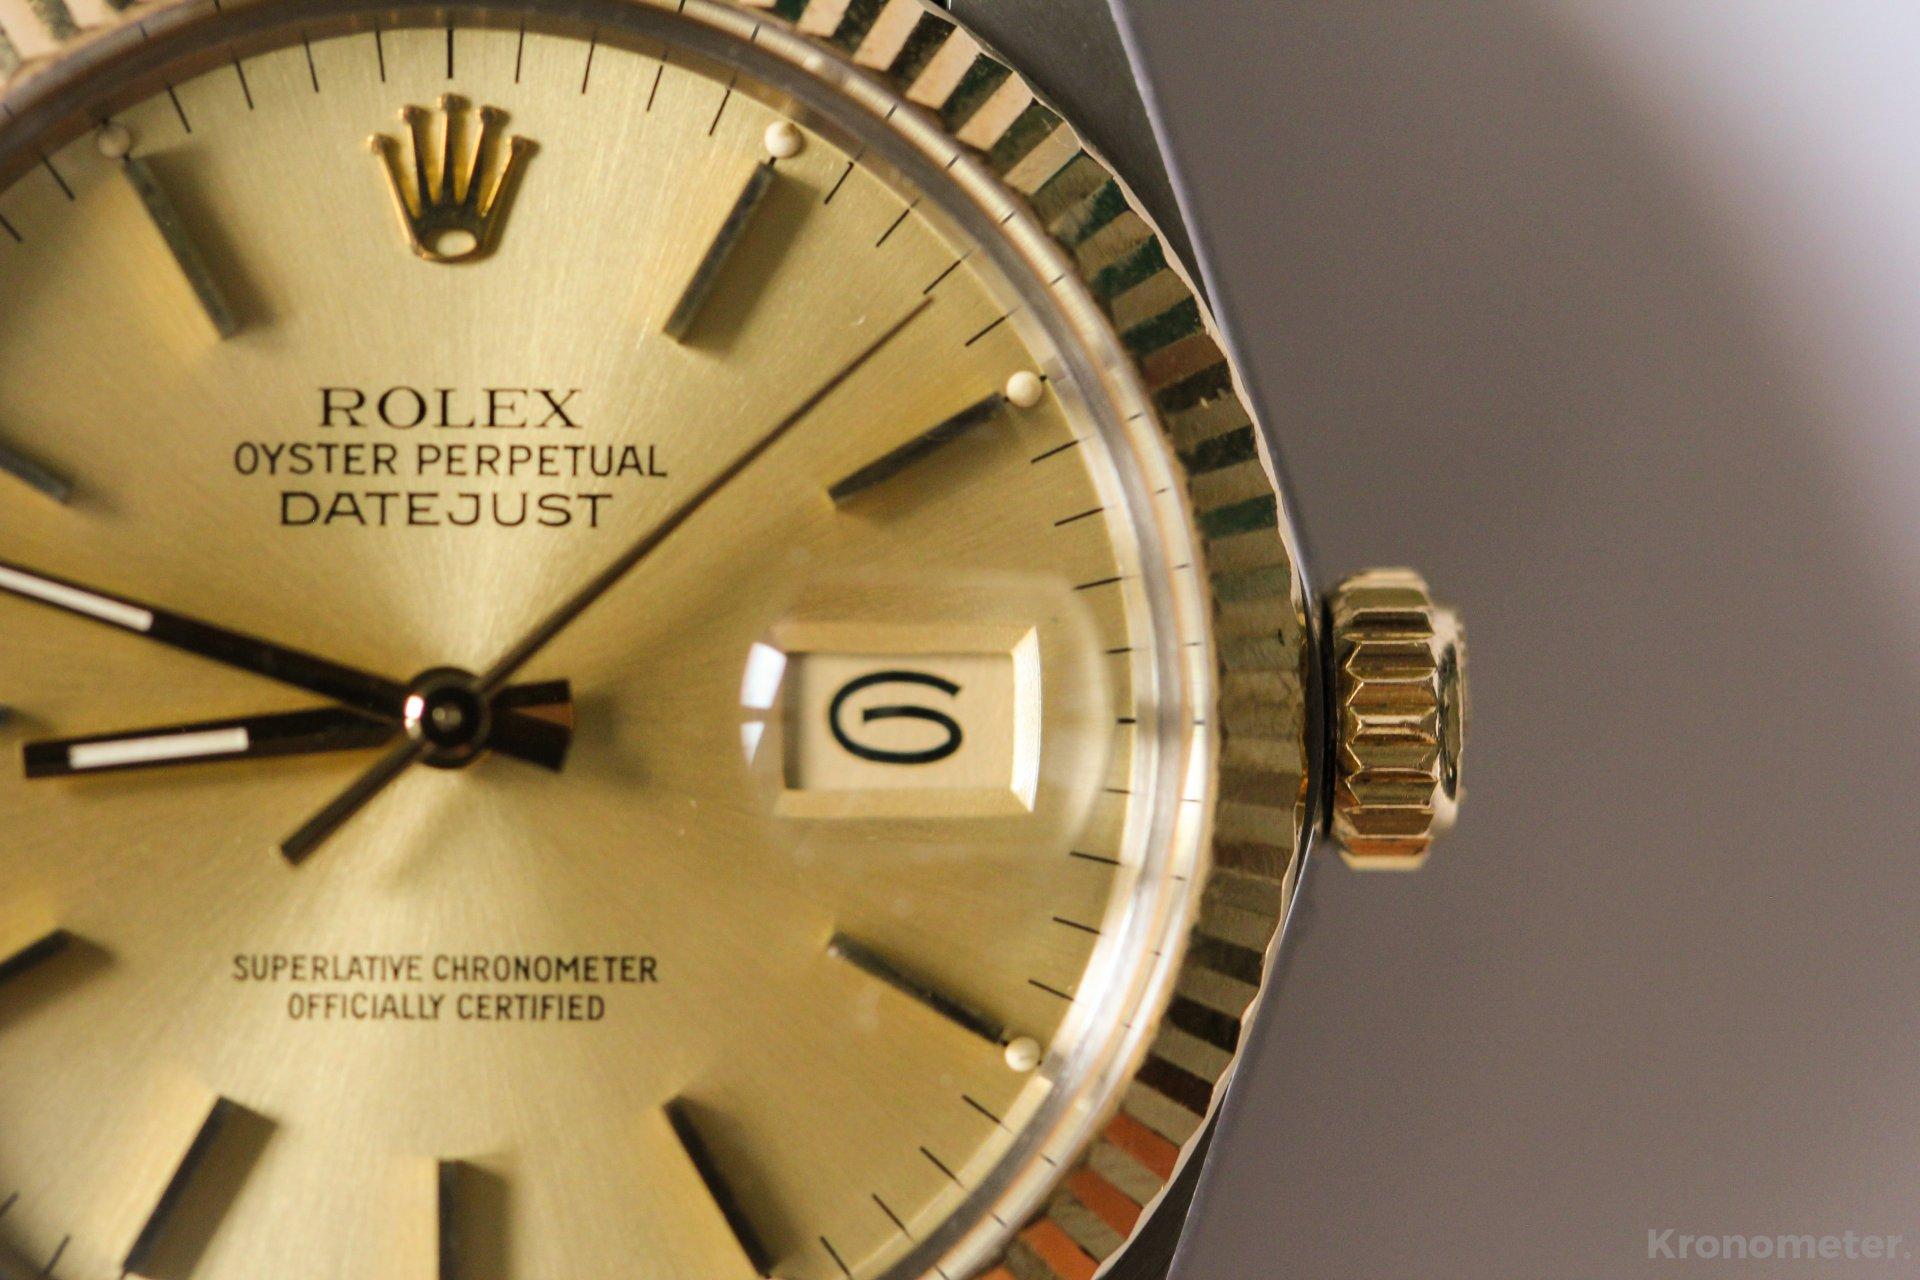 Rolex Datejust - 1. rész - Page 2 of 2 - Kronometer 8764e89c26